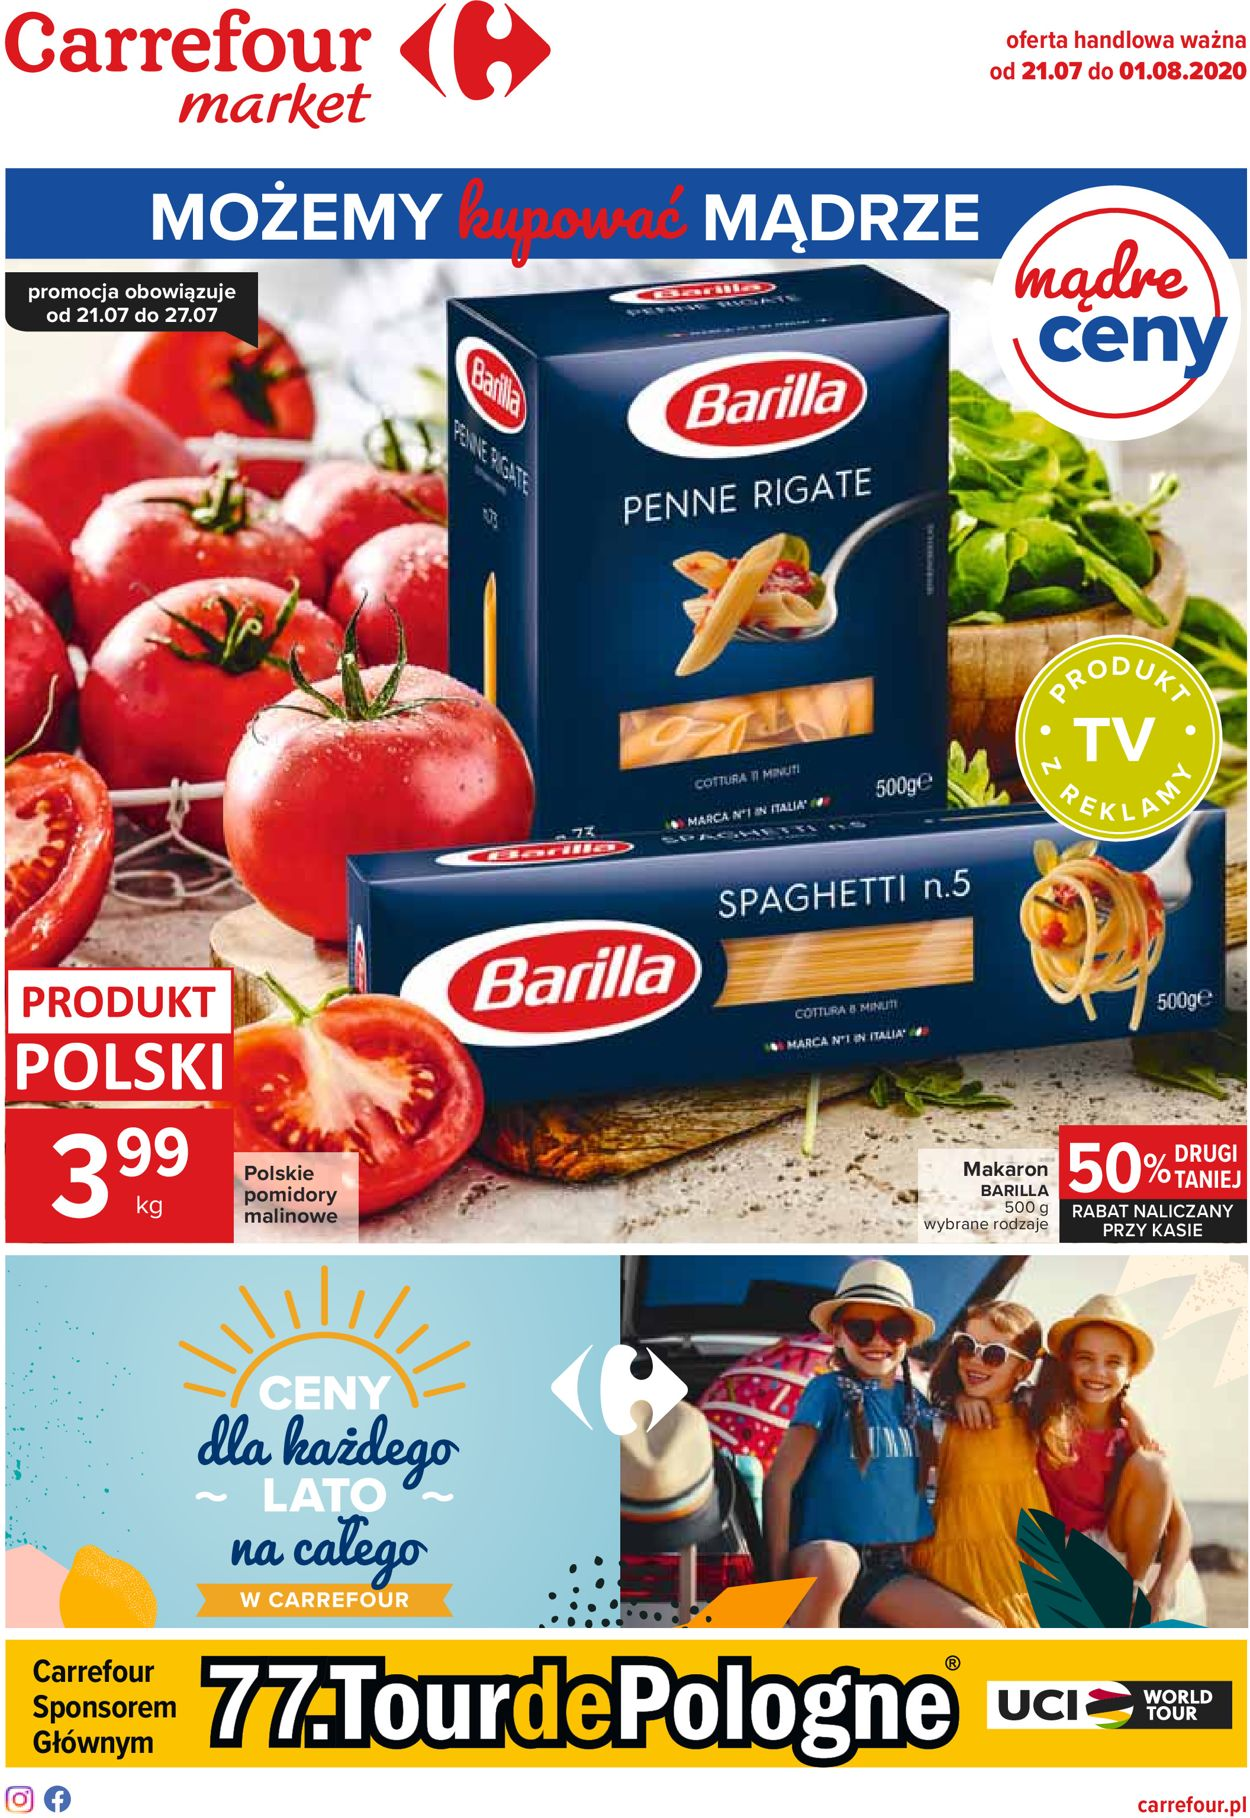 Gazetka promocyjna Carrefour - 21.07-01.08.2020